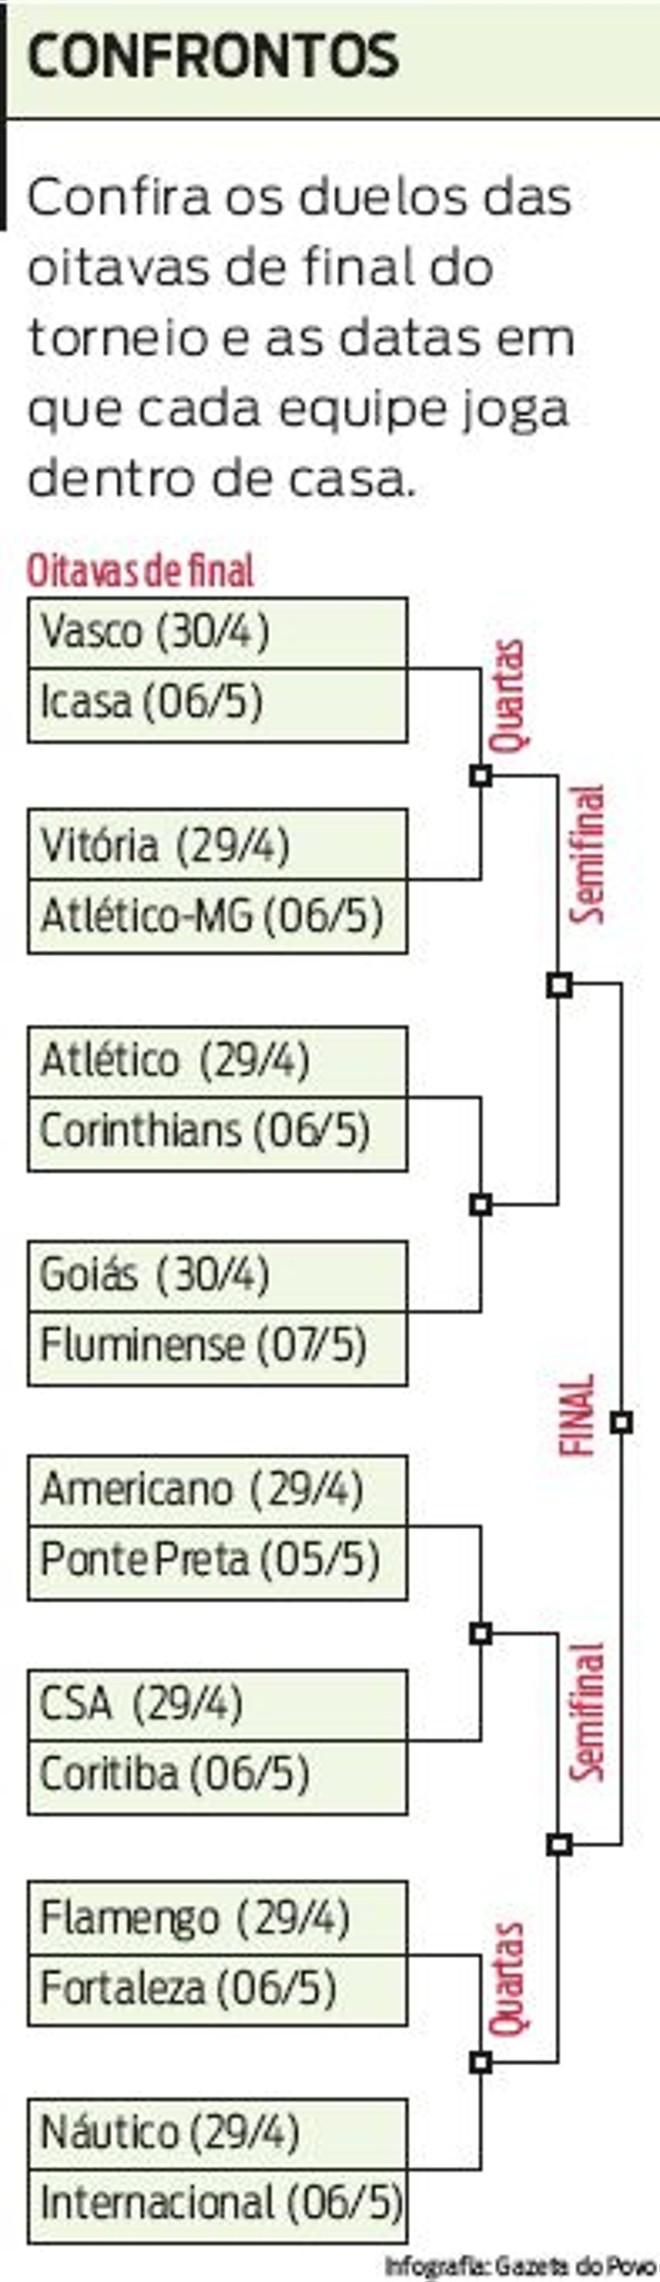 Confira os duelos das oitavas de final da Copa do Brasil |